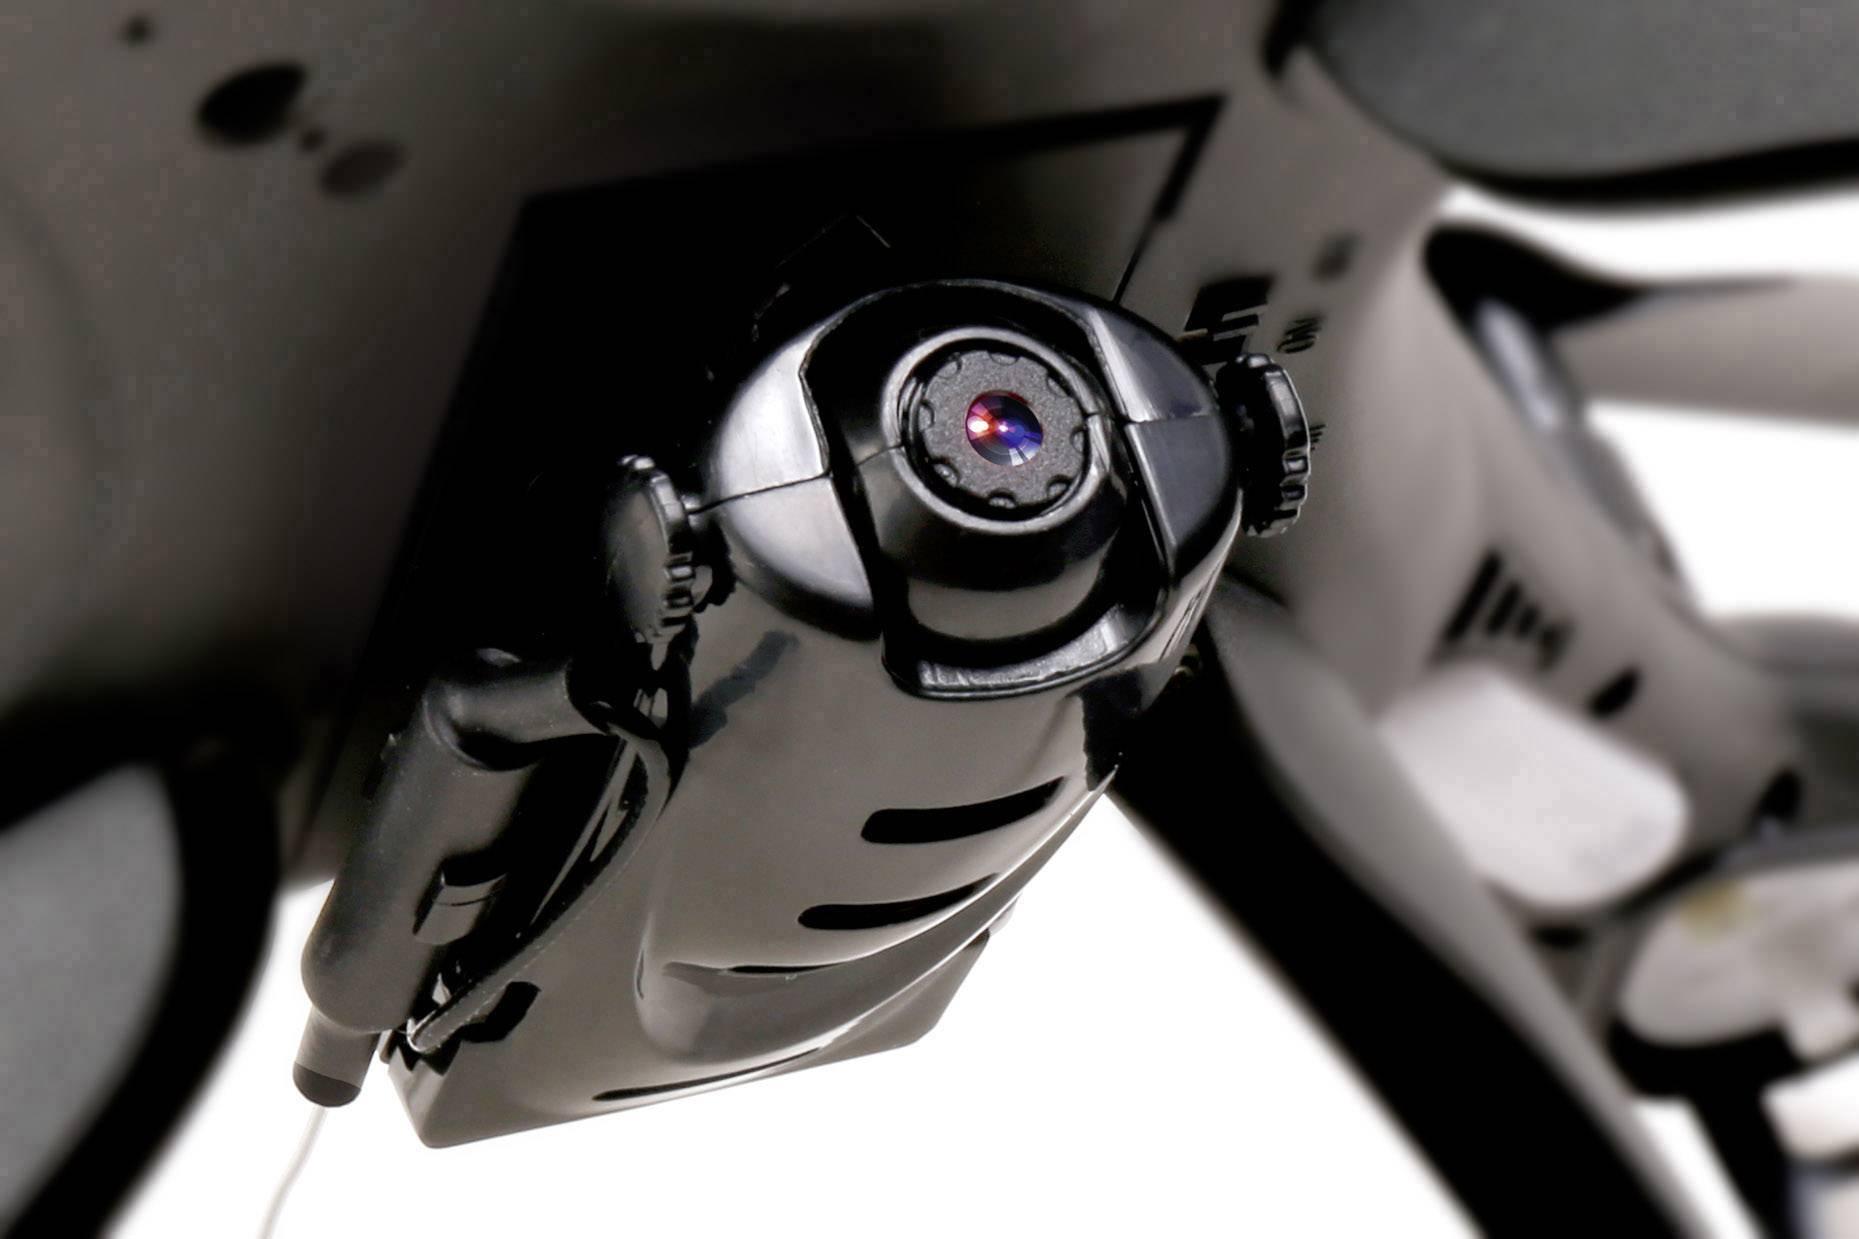 Camera per drone Reely Adatto per: Reely Blackster R6 FPV WiFi